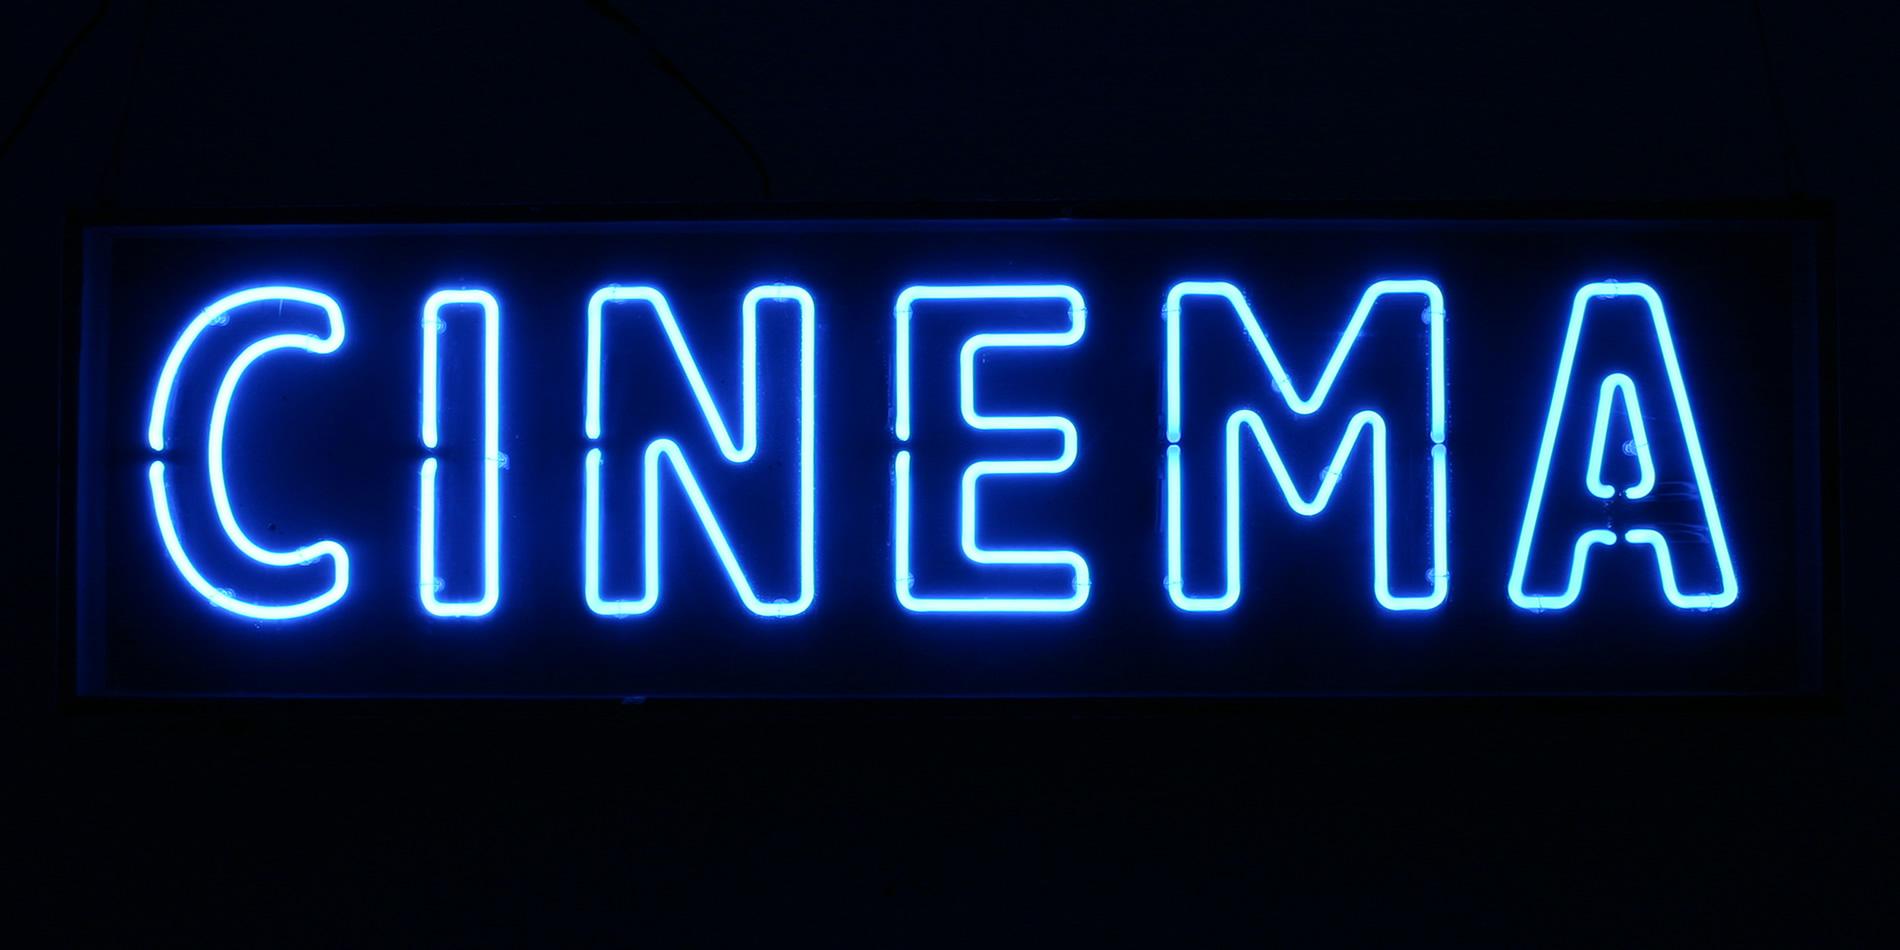 Les  Commandements Du Cinema Screenreview